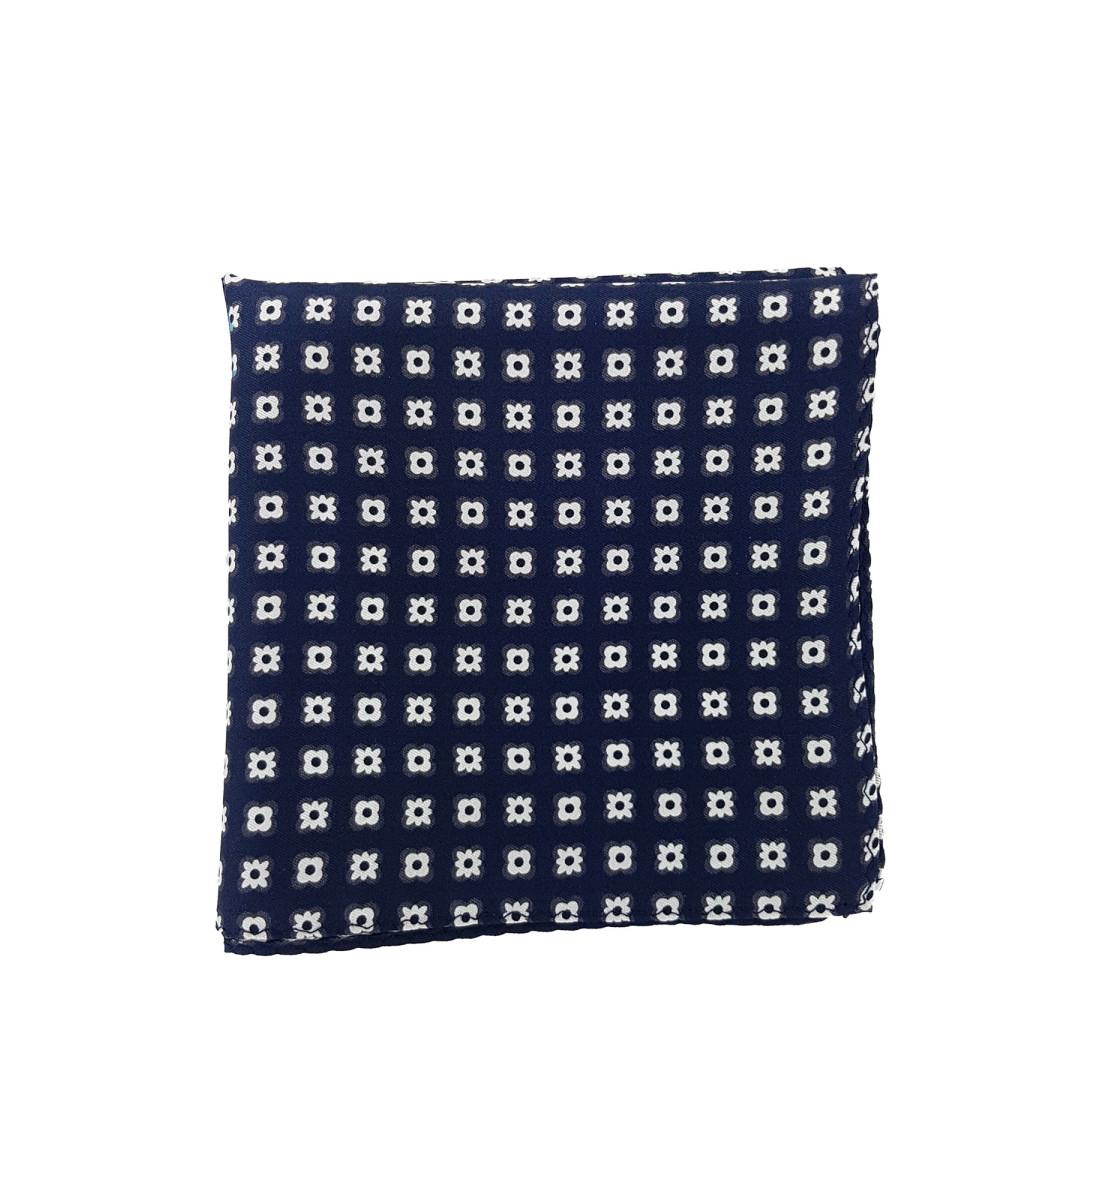 Pochette en soie motif floral graphique MARINE